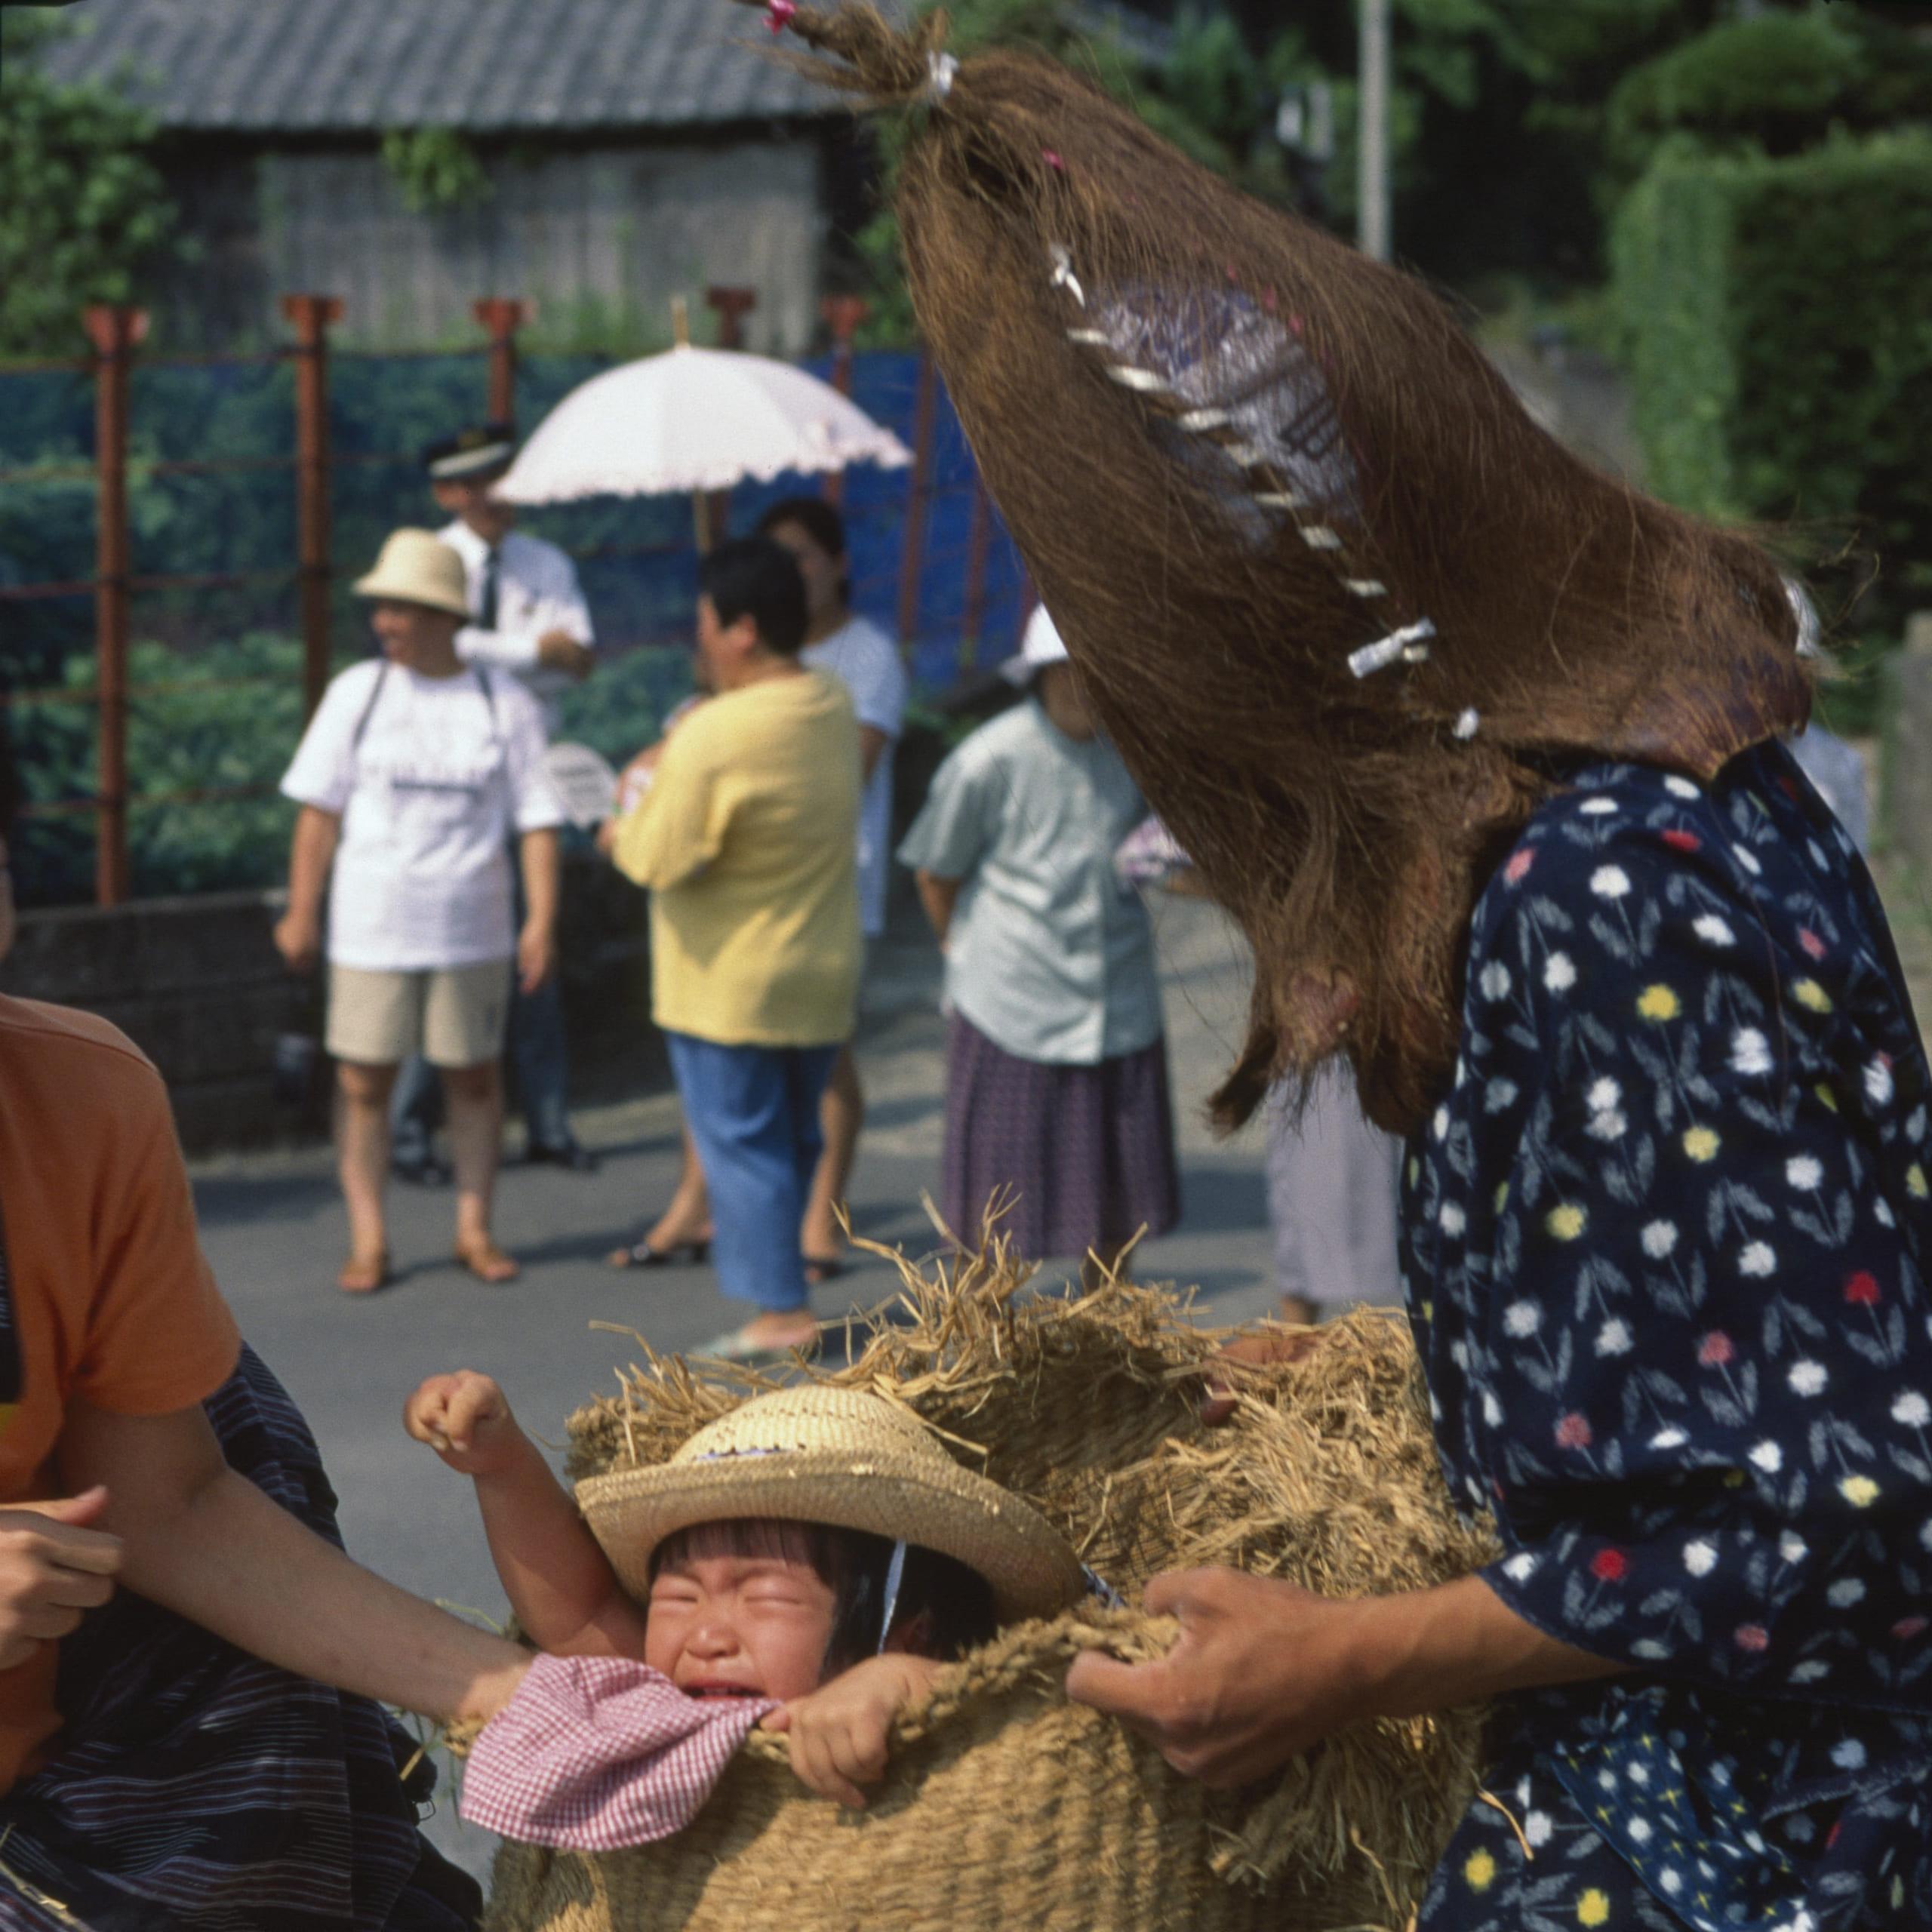 仮面をかぶった怪人が子供を捕獲しては袋の中に放り込む、鹿児島の奇祭